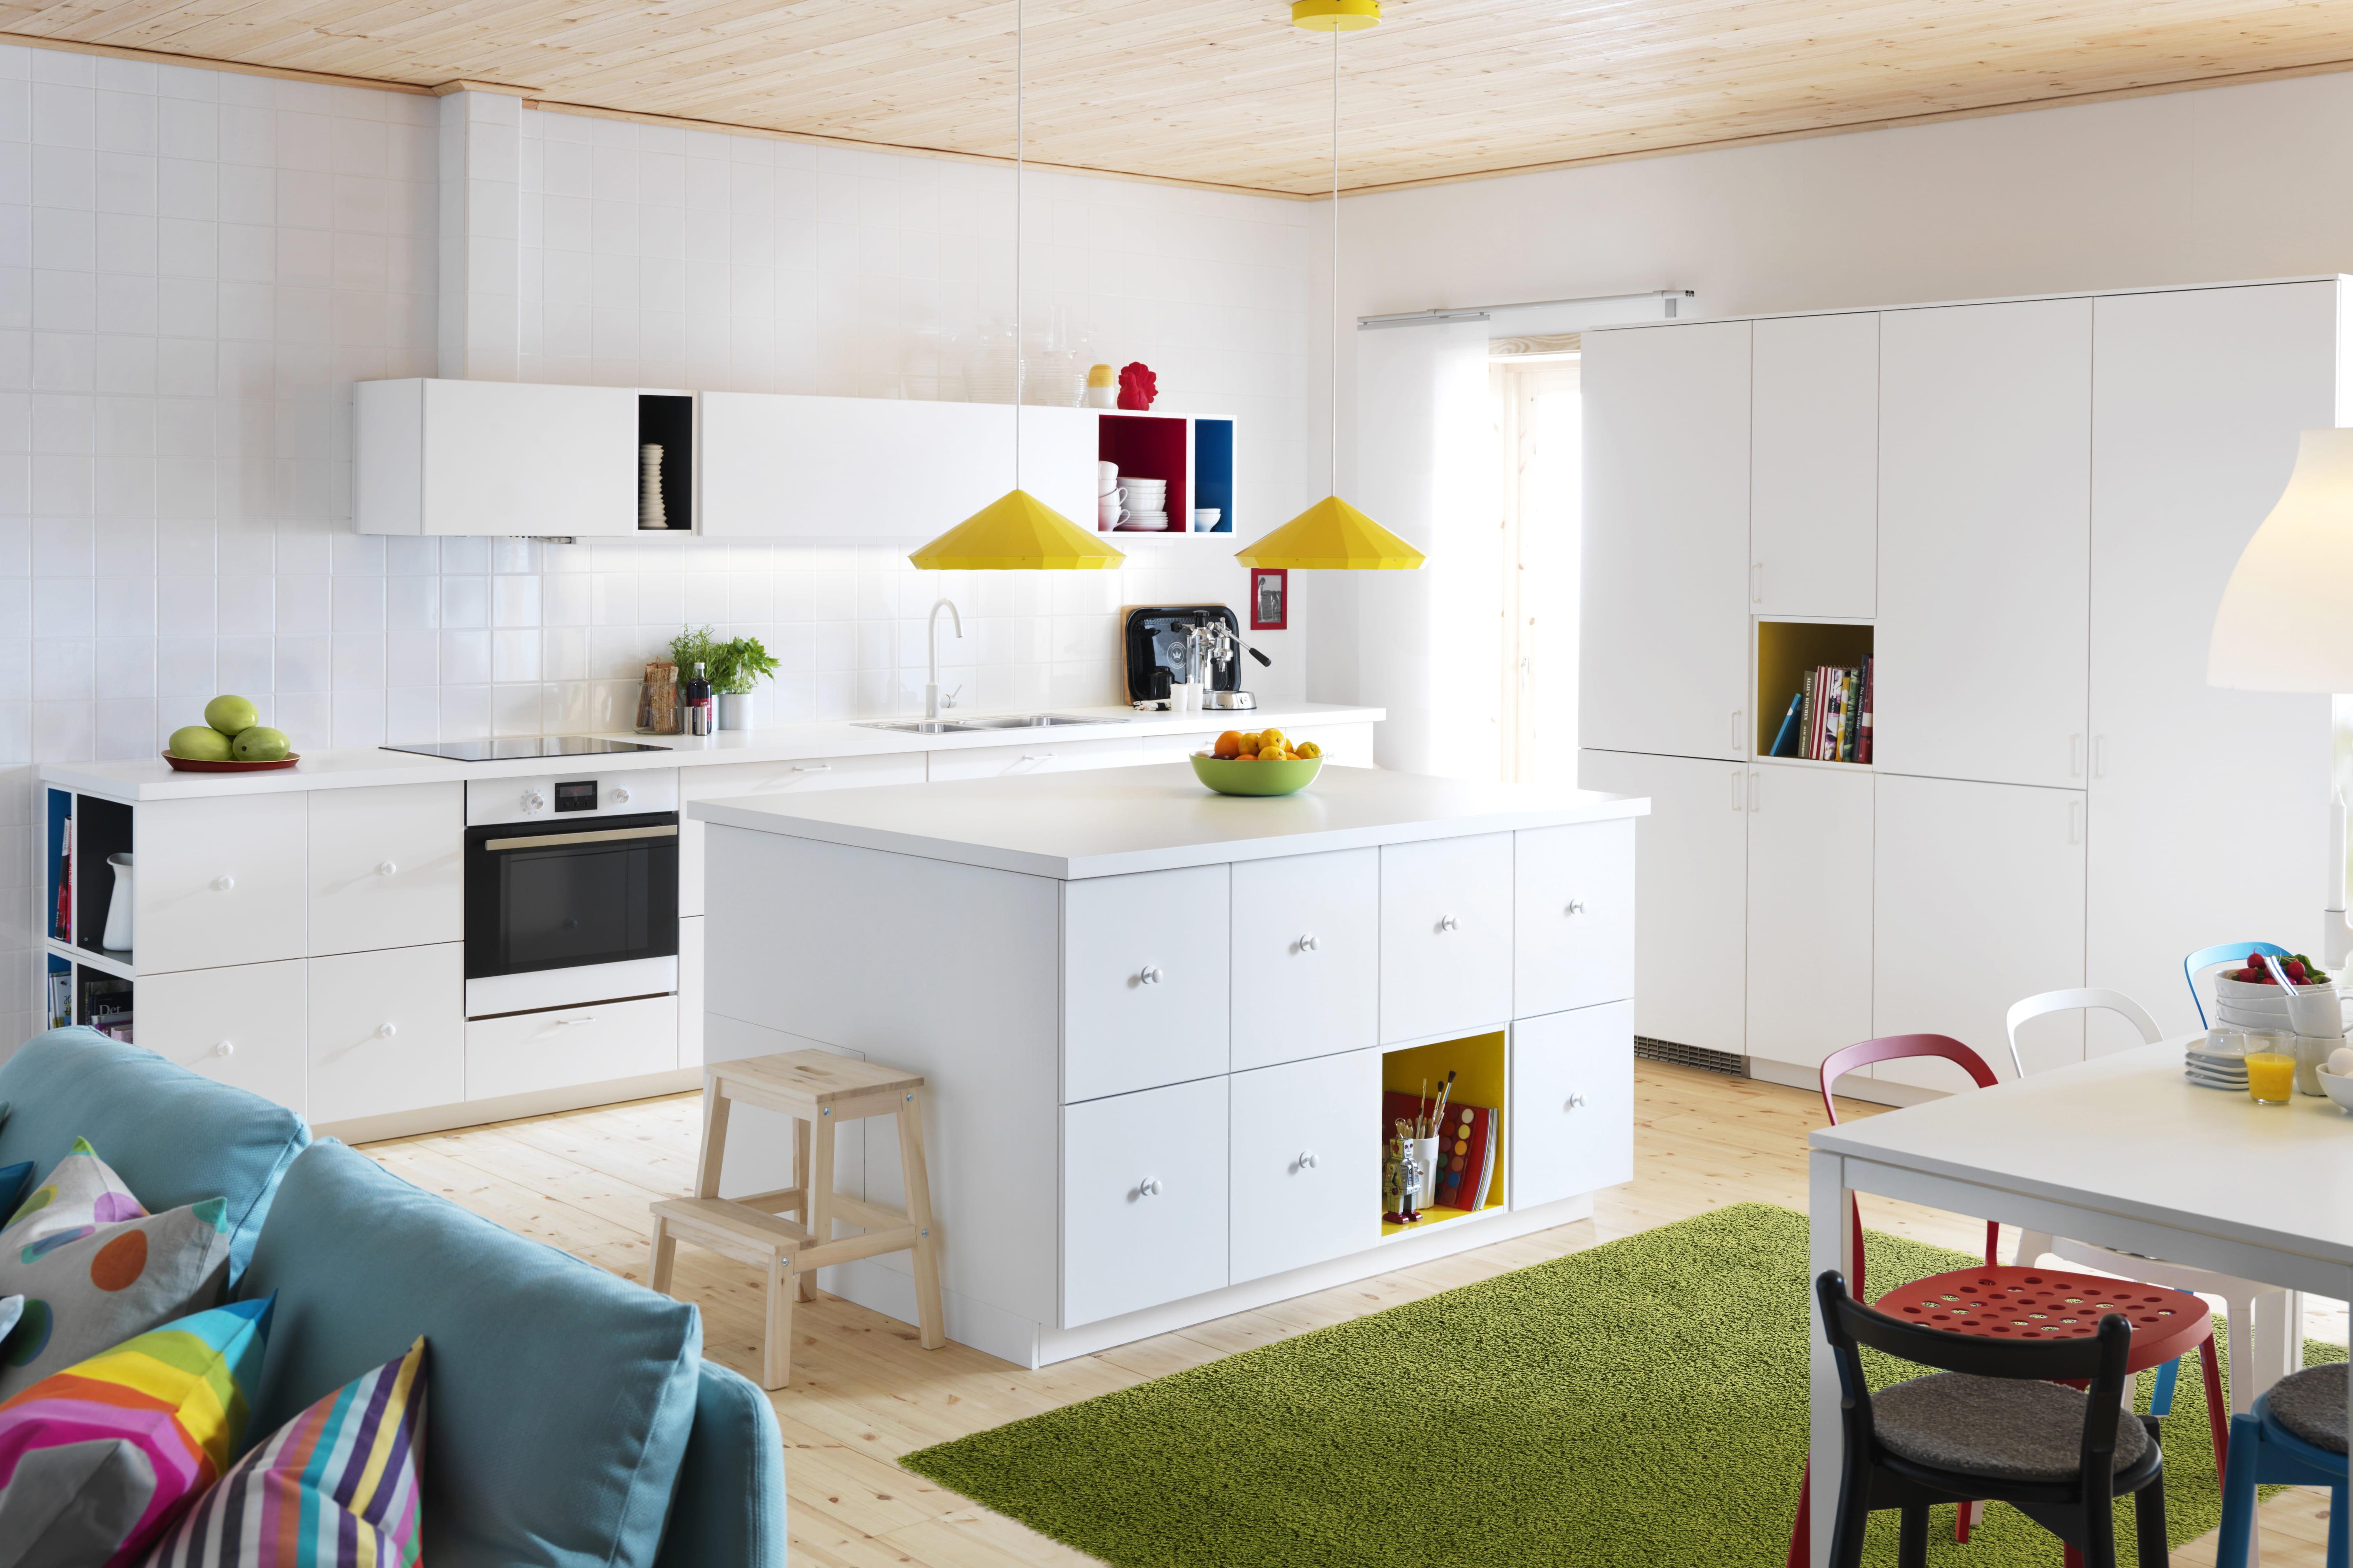 Chambre Bleu Marine Et Blanche : Cuisine Metod  Veddinge IKEA  Cuisine  32 nouveautés faciles à